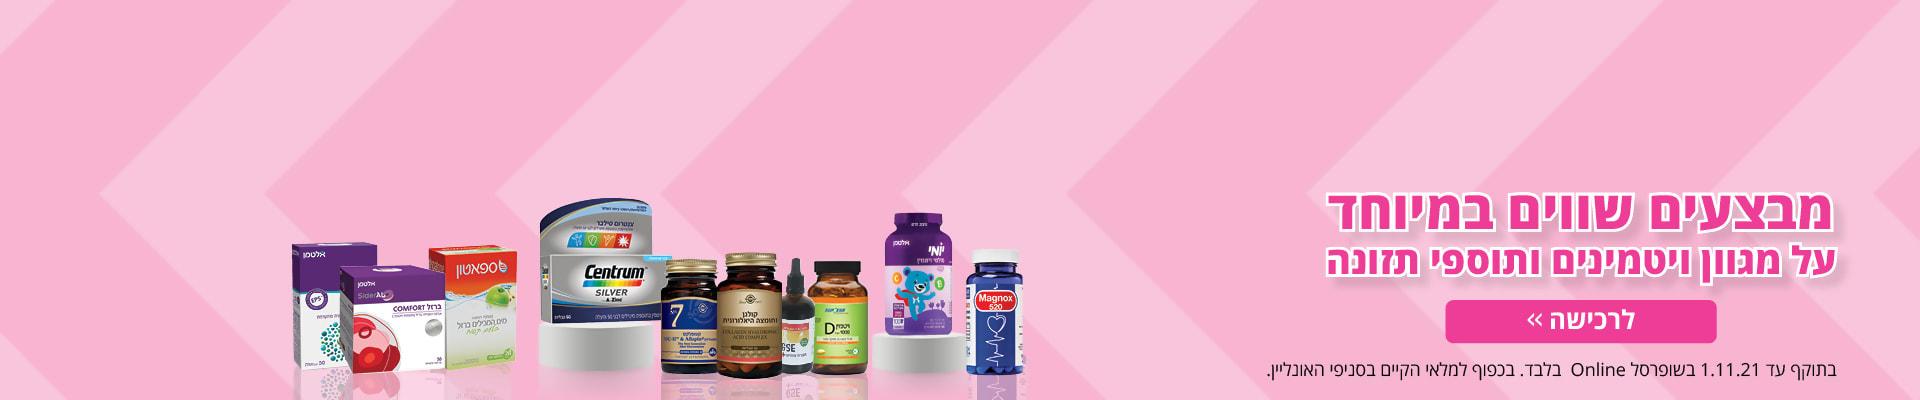 מבצעים שווים במיוחד על מגוון ויטמינים ותוספי תזונה.  לרכישה>>